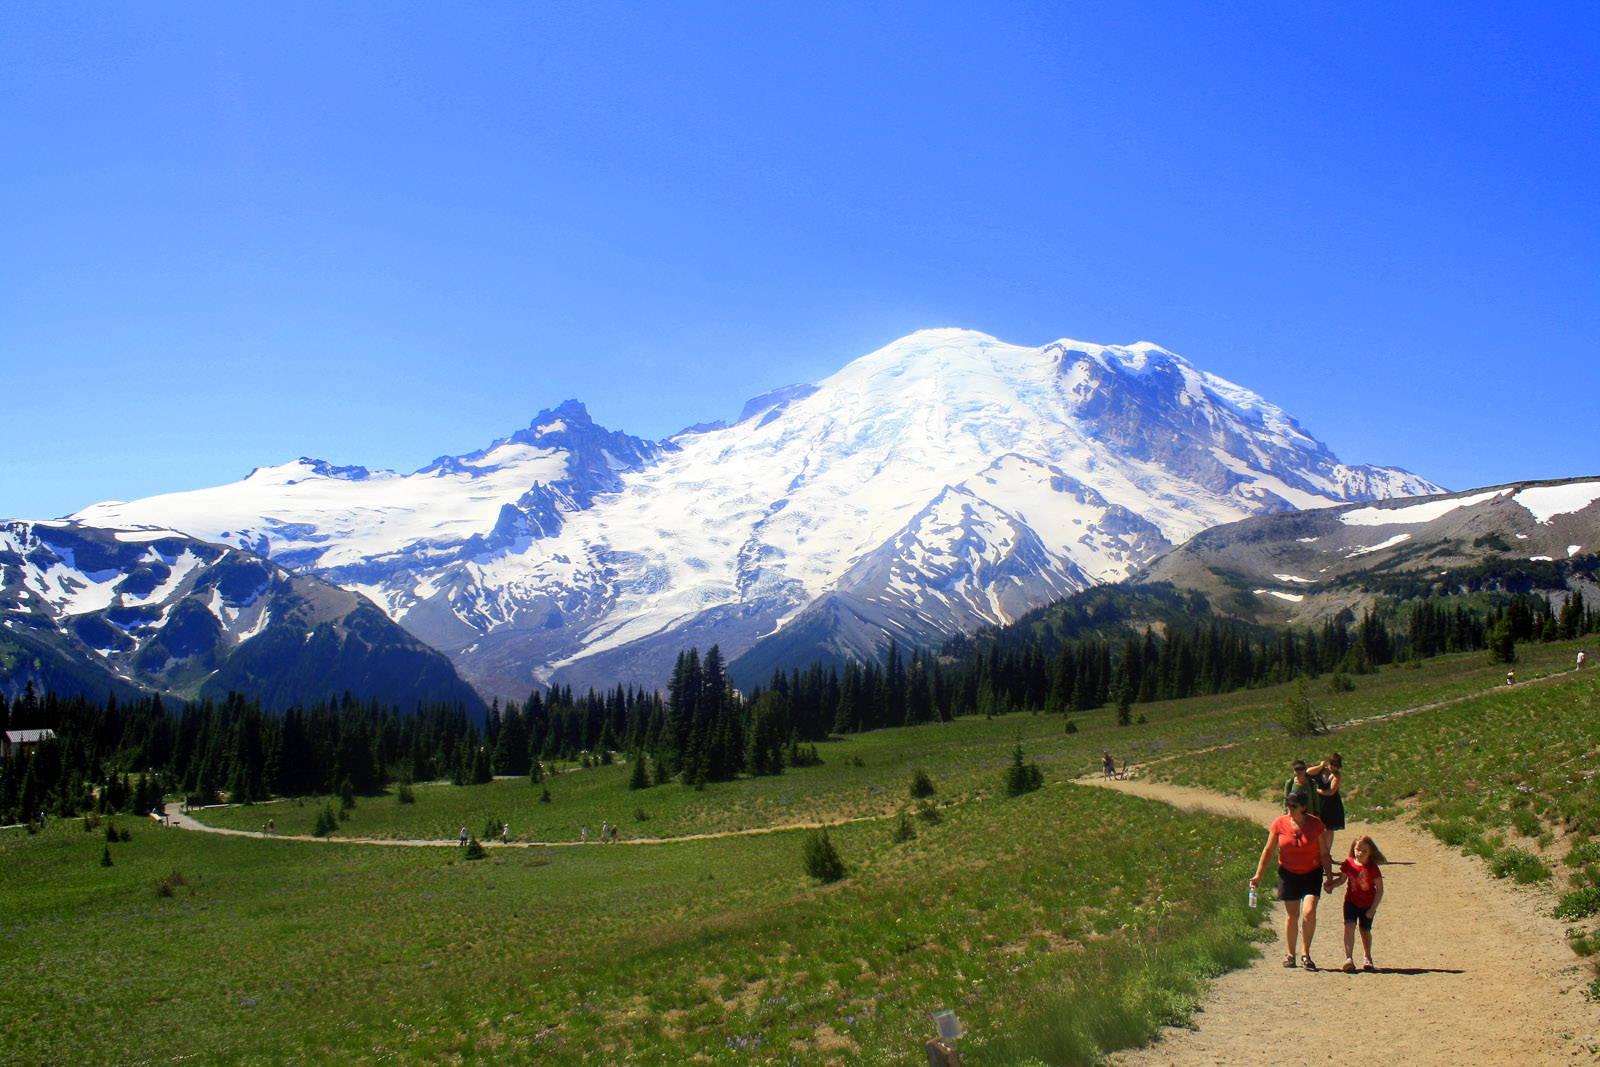 Mount Rainier Sunrise | Visit Rainier